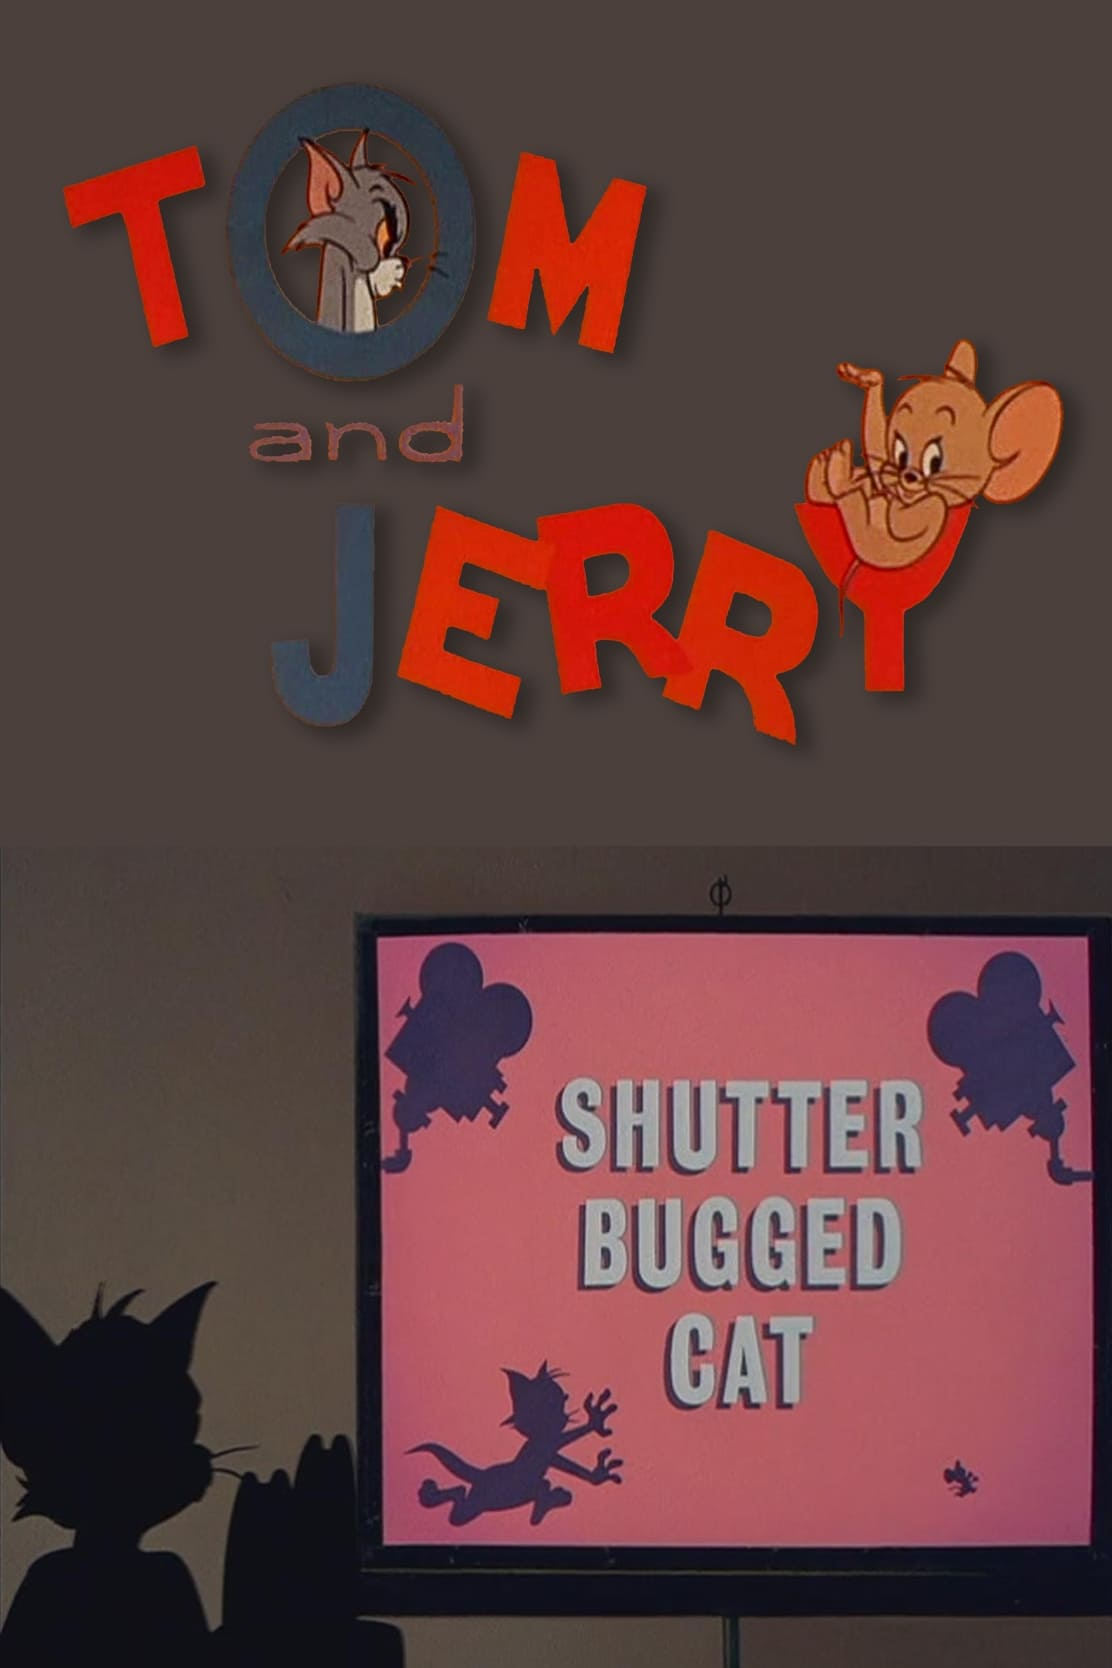 Shutter Bugged Cat (1967)